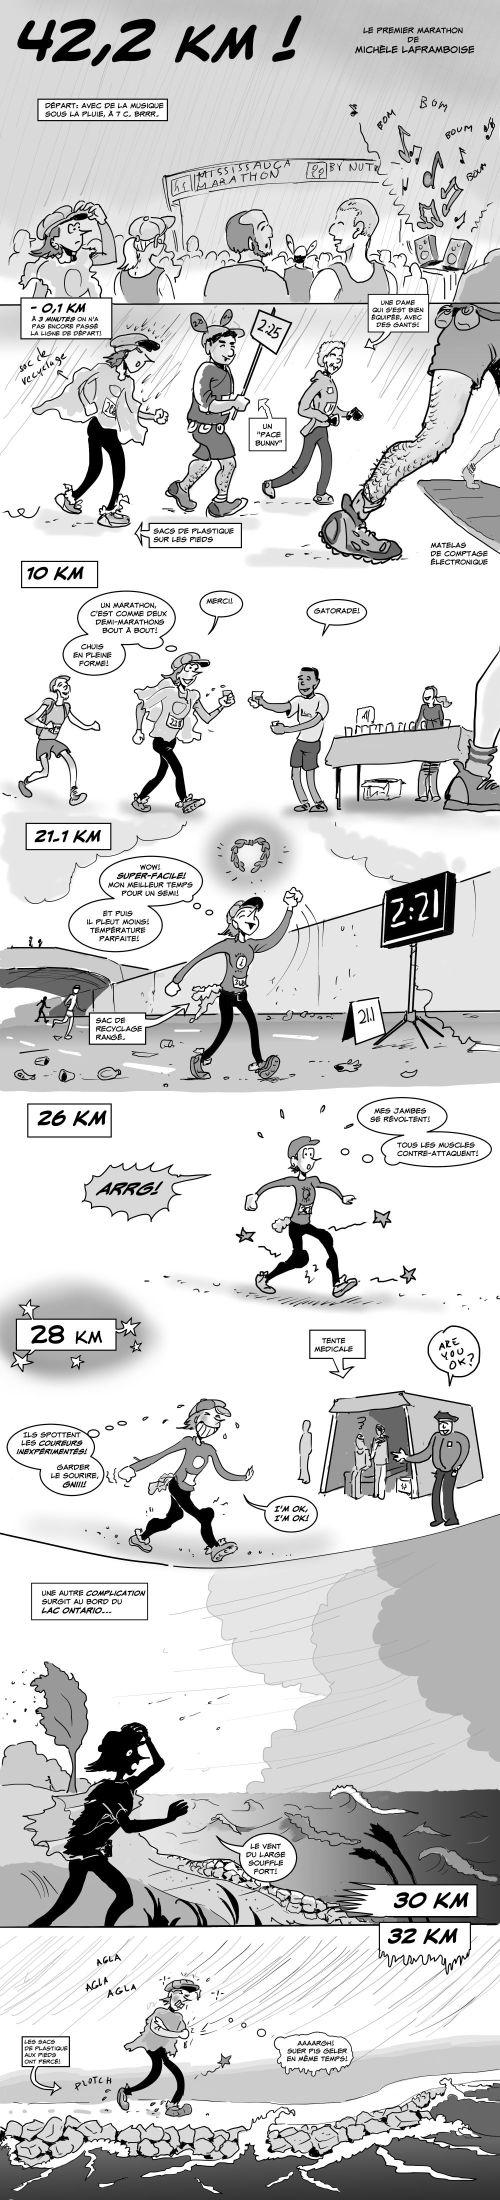 Un premier marathon n'a pas l'air compliqué: au fond, c'est deux demi-marathons bout à bout! J'étais bien entraînée et le premier 21 km a super bien été! C'est au 26e kilomètre que la sauce s'est gâtée! Les jambes ont protesté, et plus loin, le lac Ontario a soufflé sur les coureurs un vent froid et pluvieux ! ON ne rigole pas avec le lac Ontario.